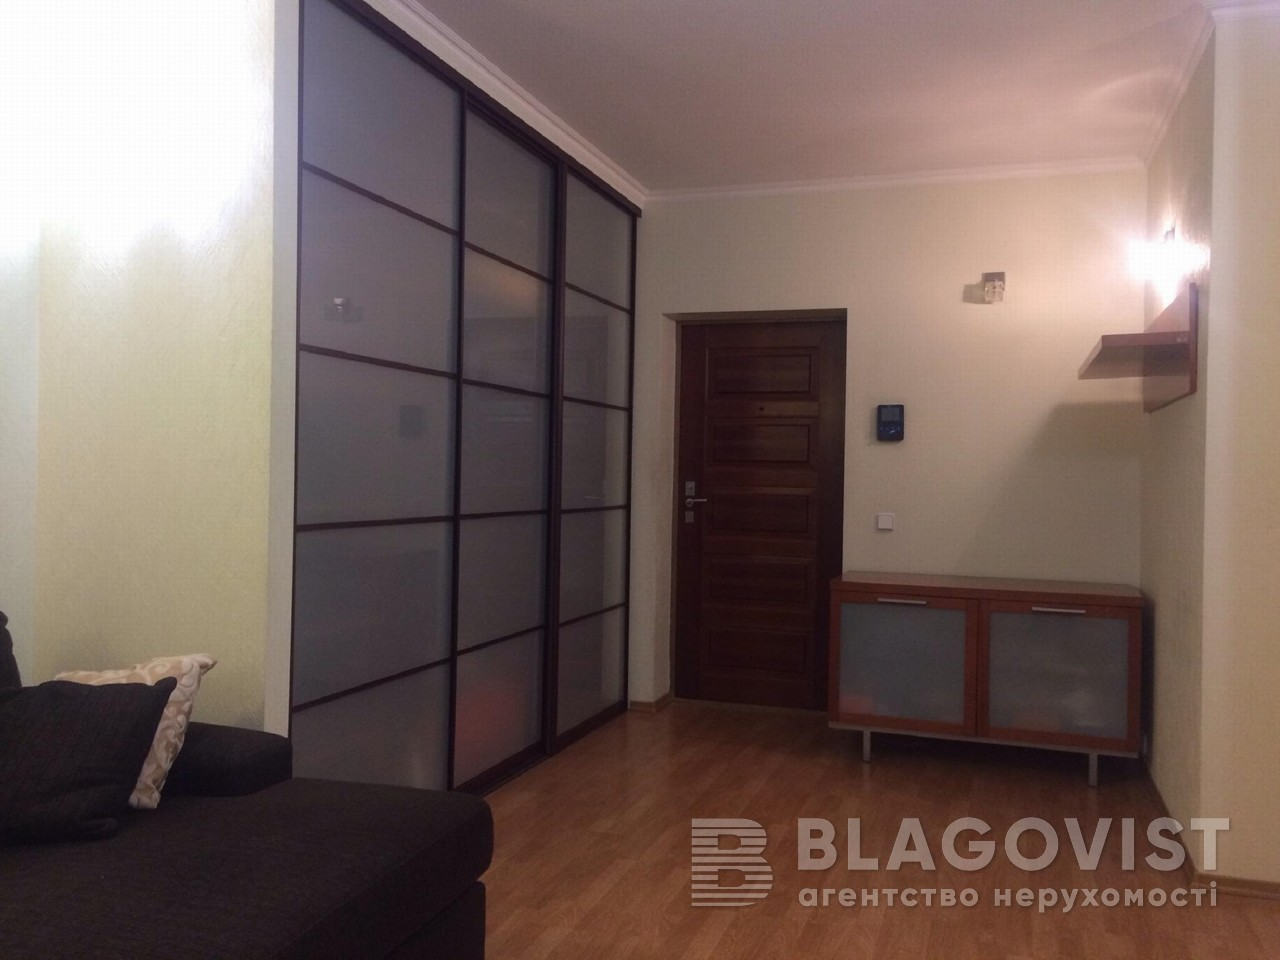 Квартира M-36130, Никольско-Слободская, 6б, Киев - Фото 5